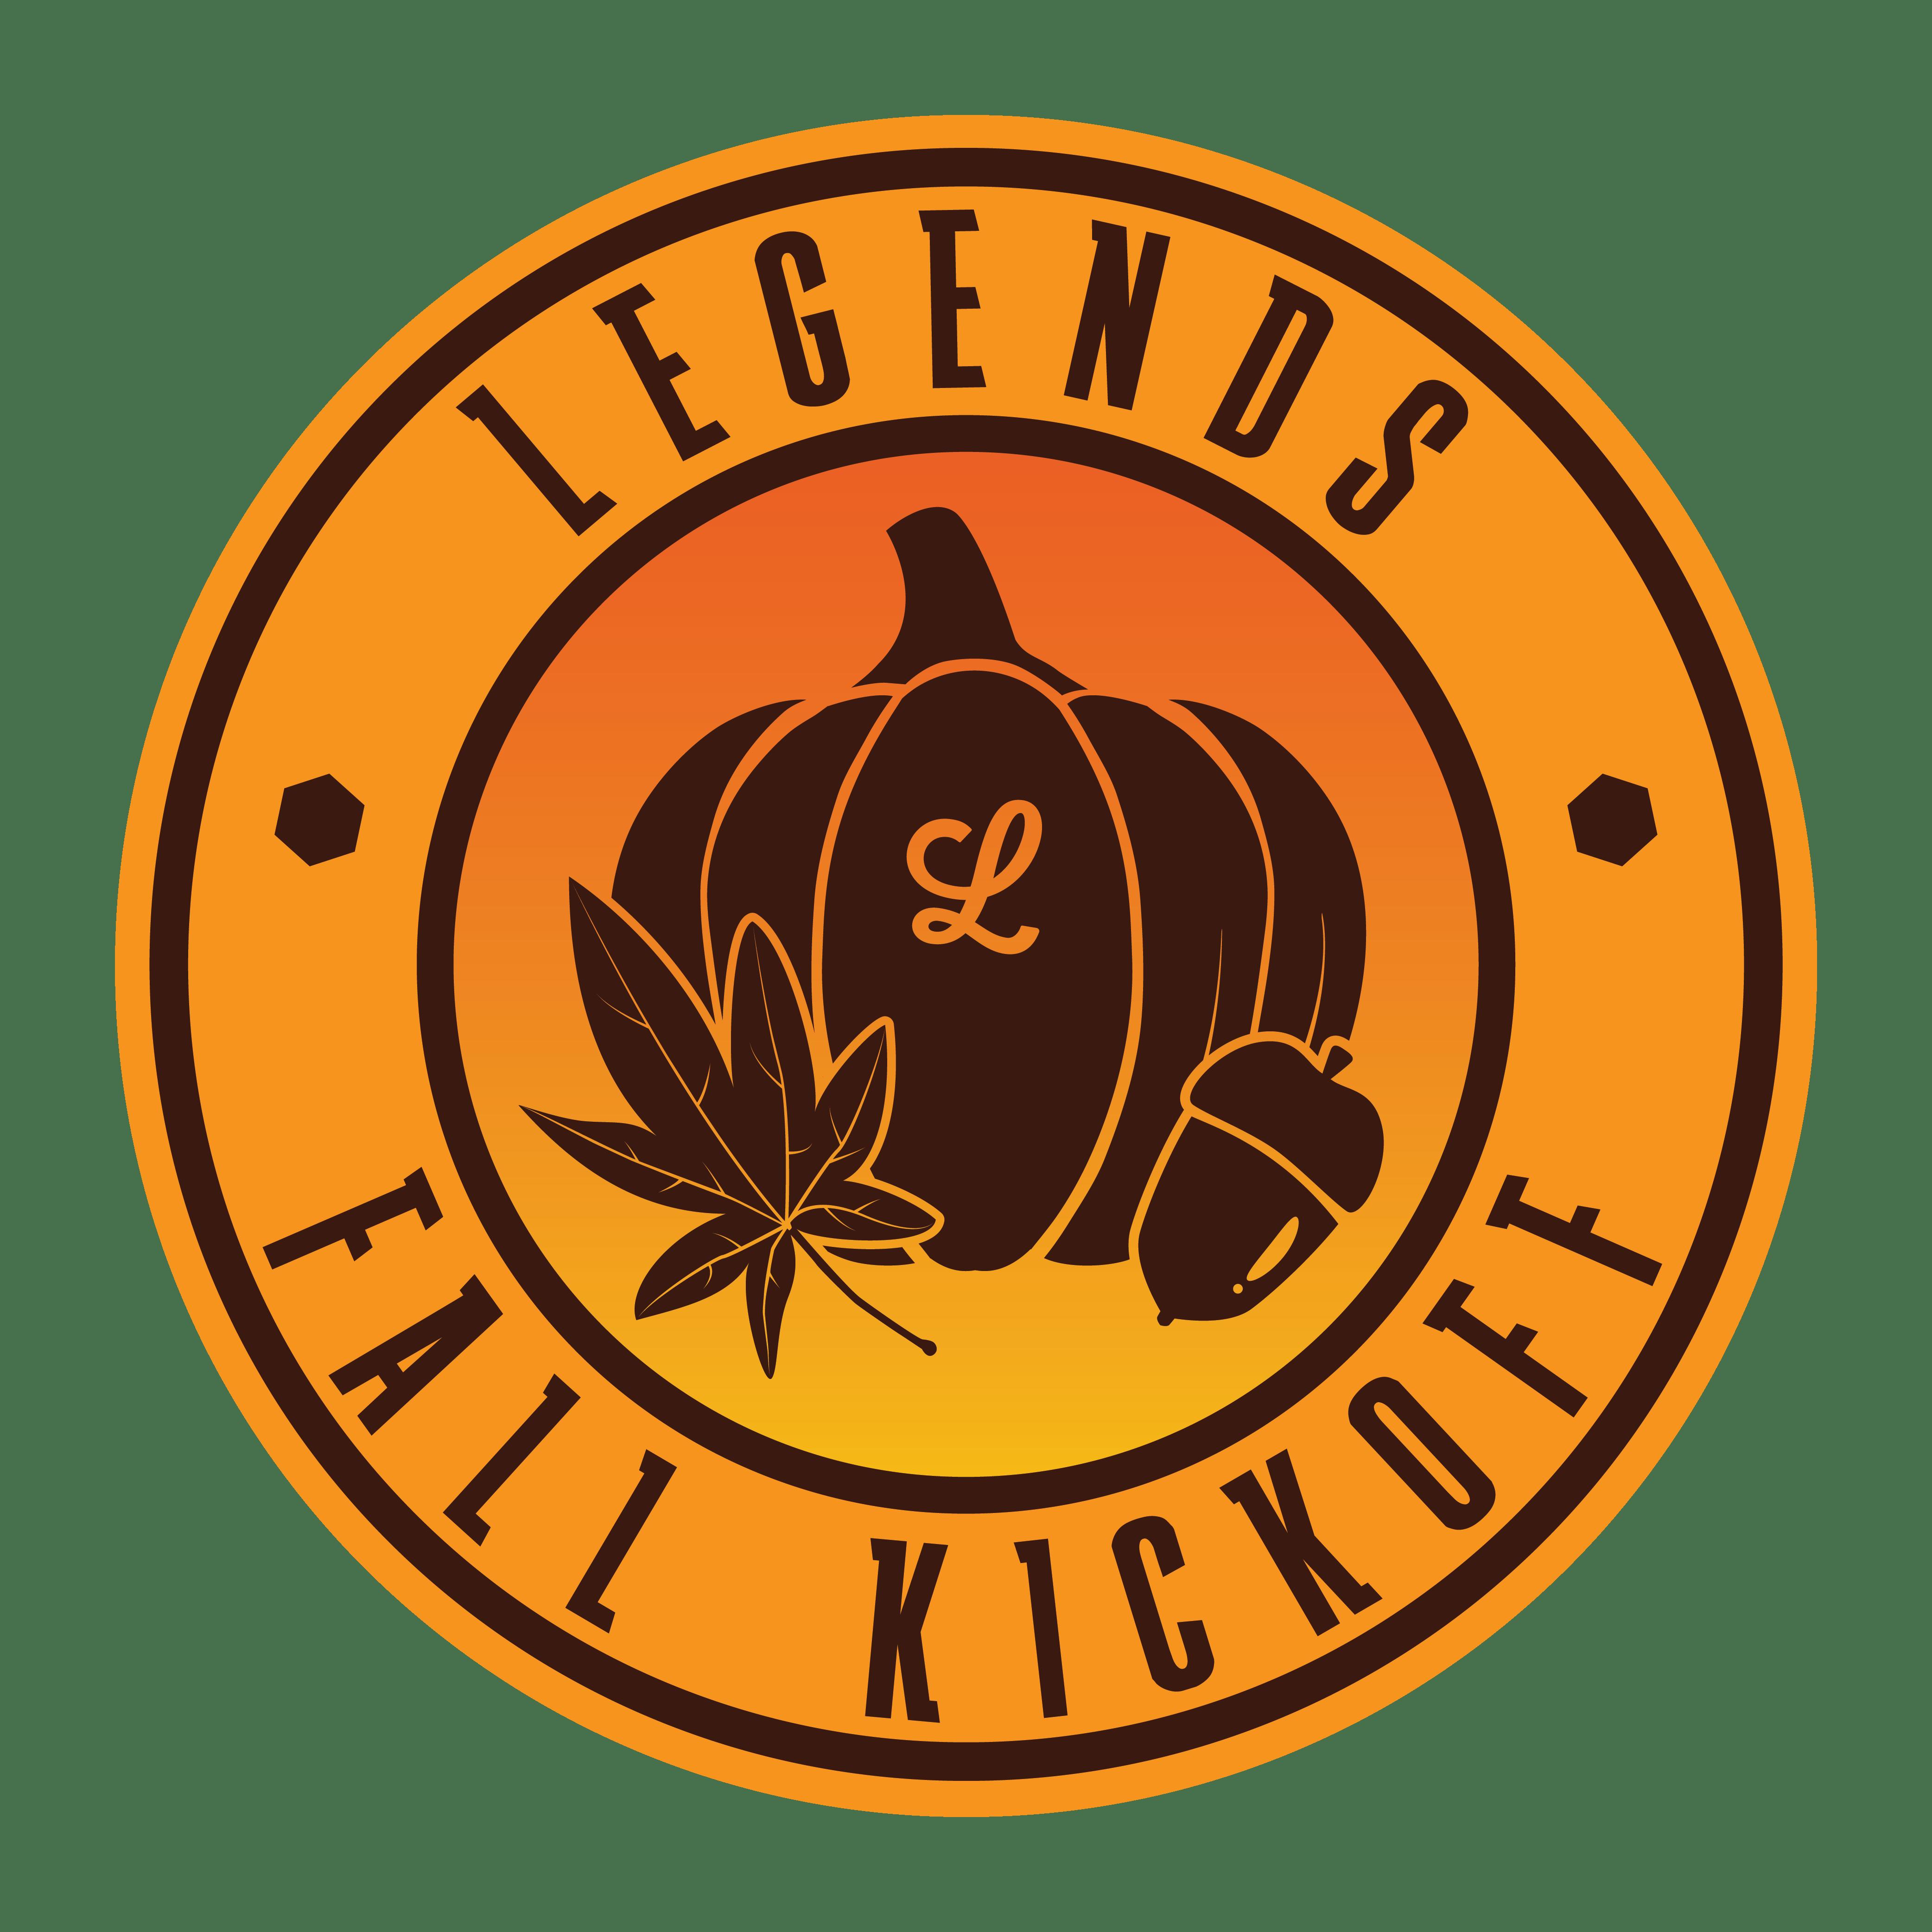 Fall Kickoff Logo